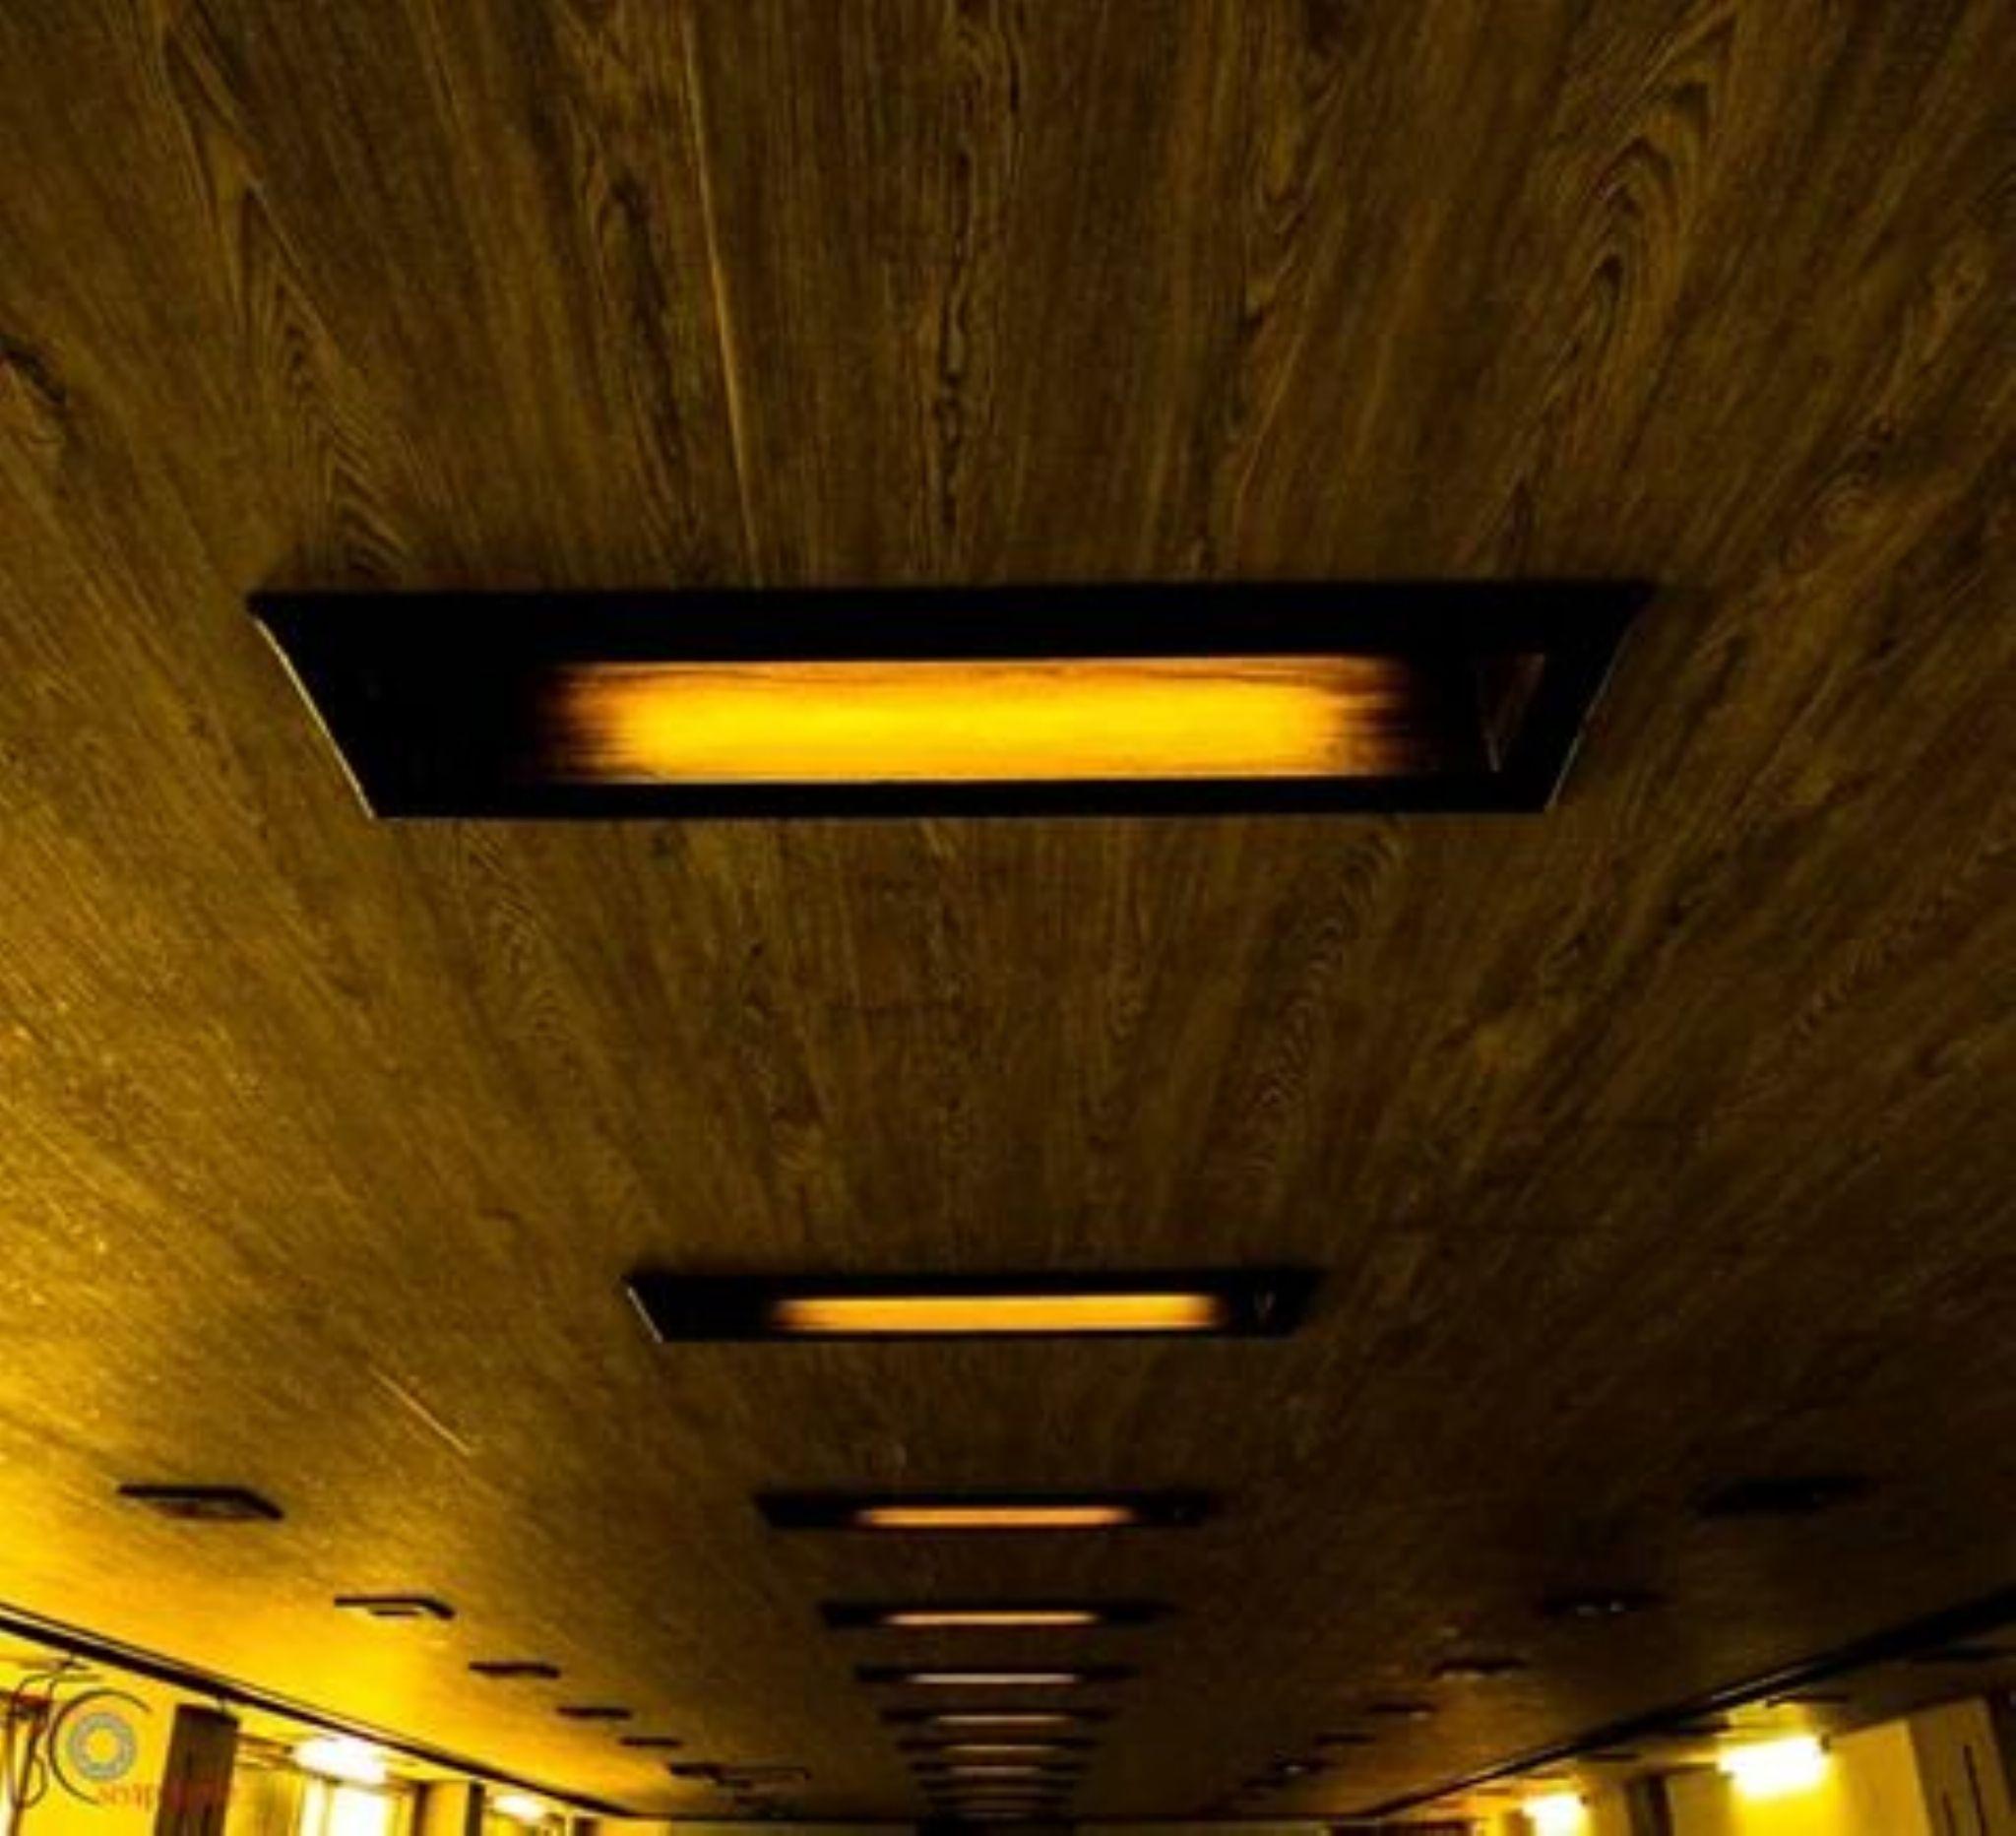 lights by morshedmanjurul